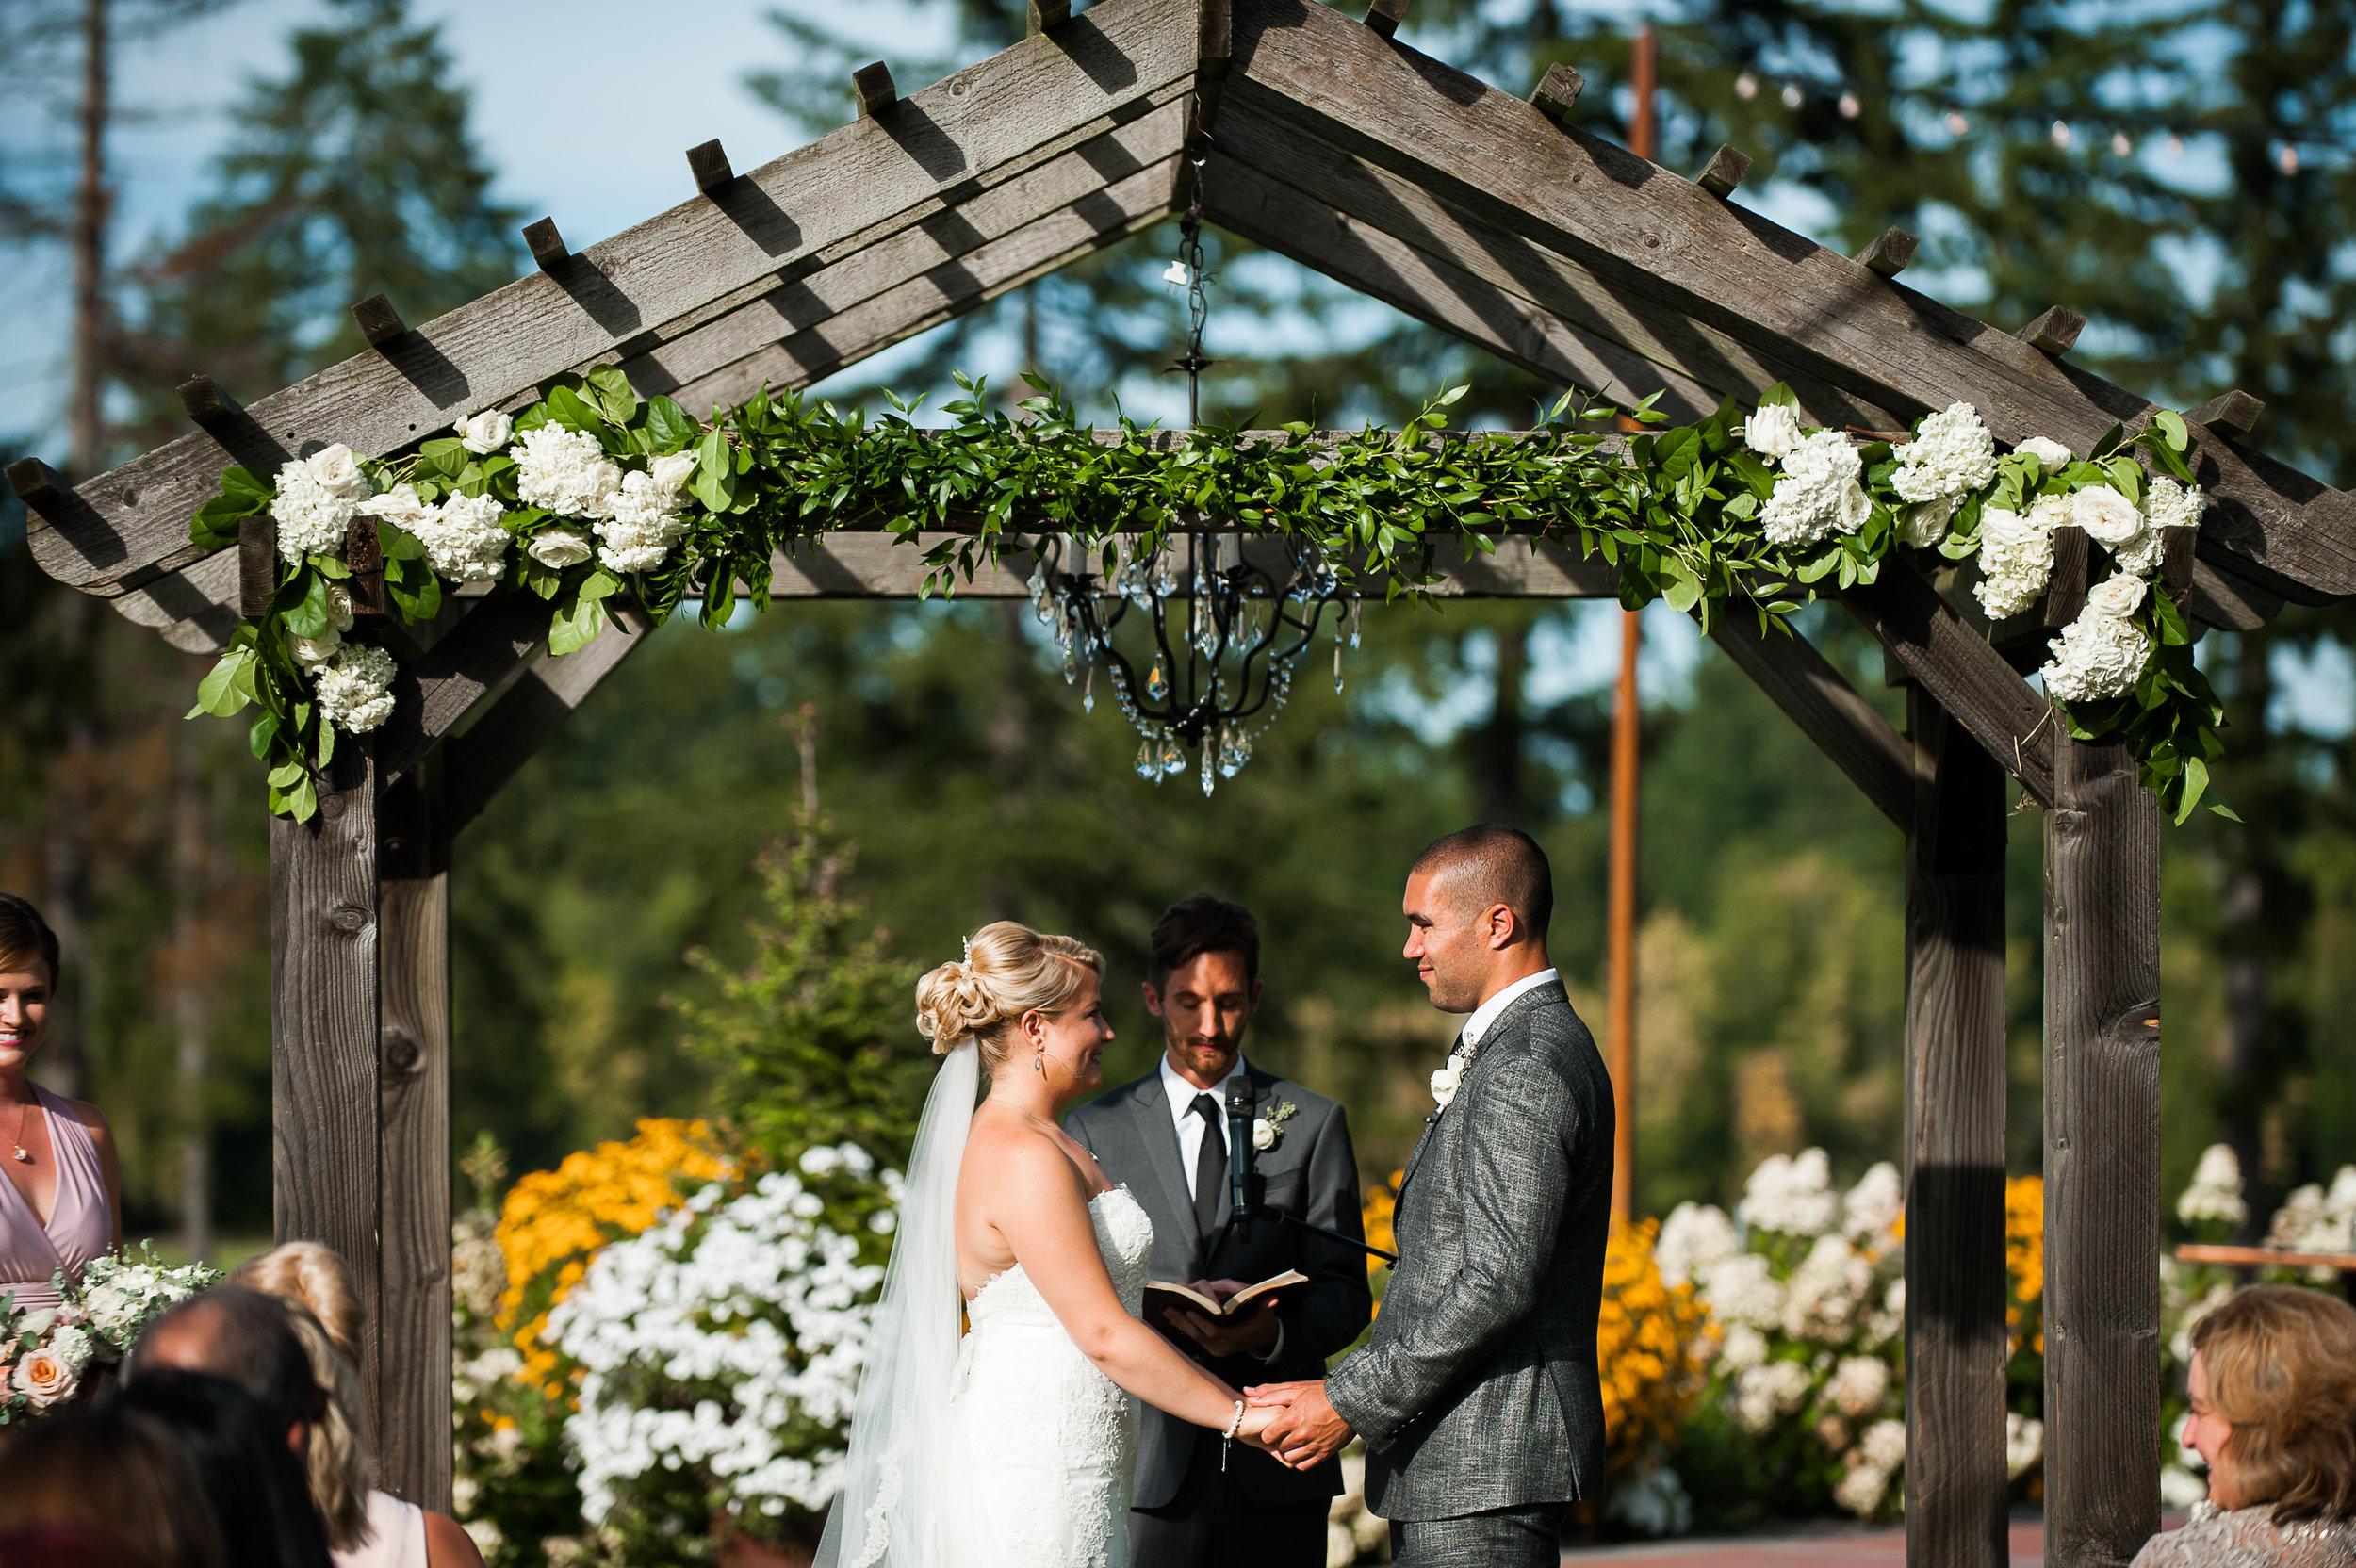 HA-wedding-Van-Wyhe-Photography-386.jpg